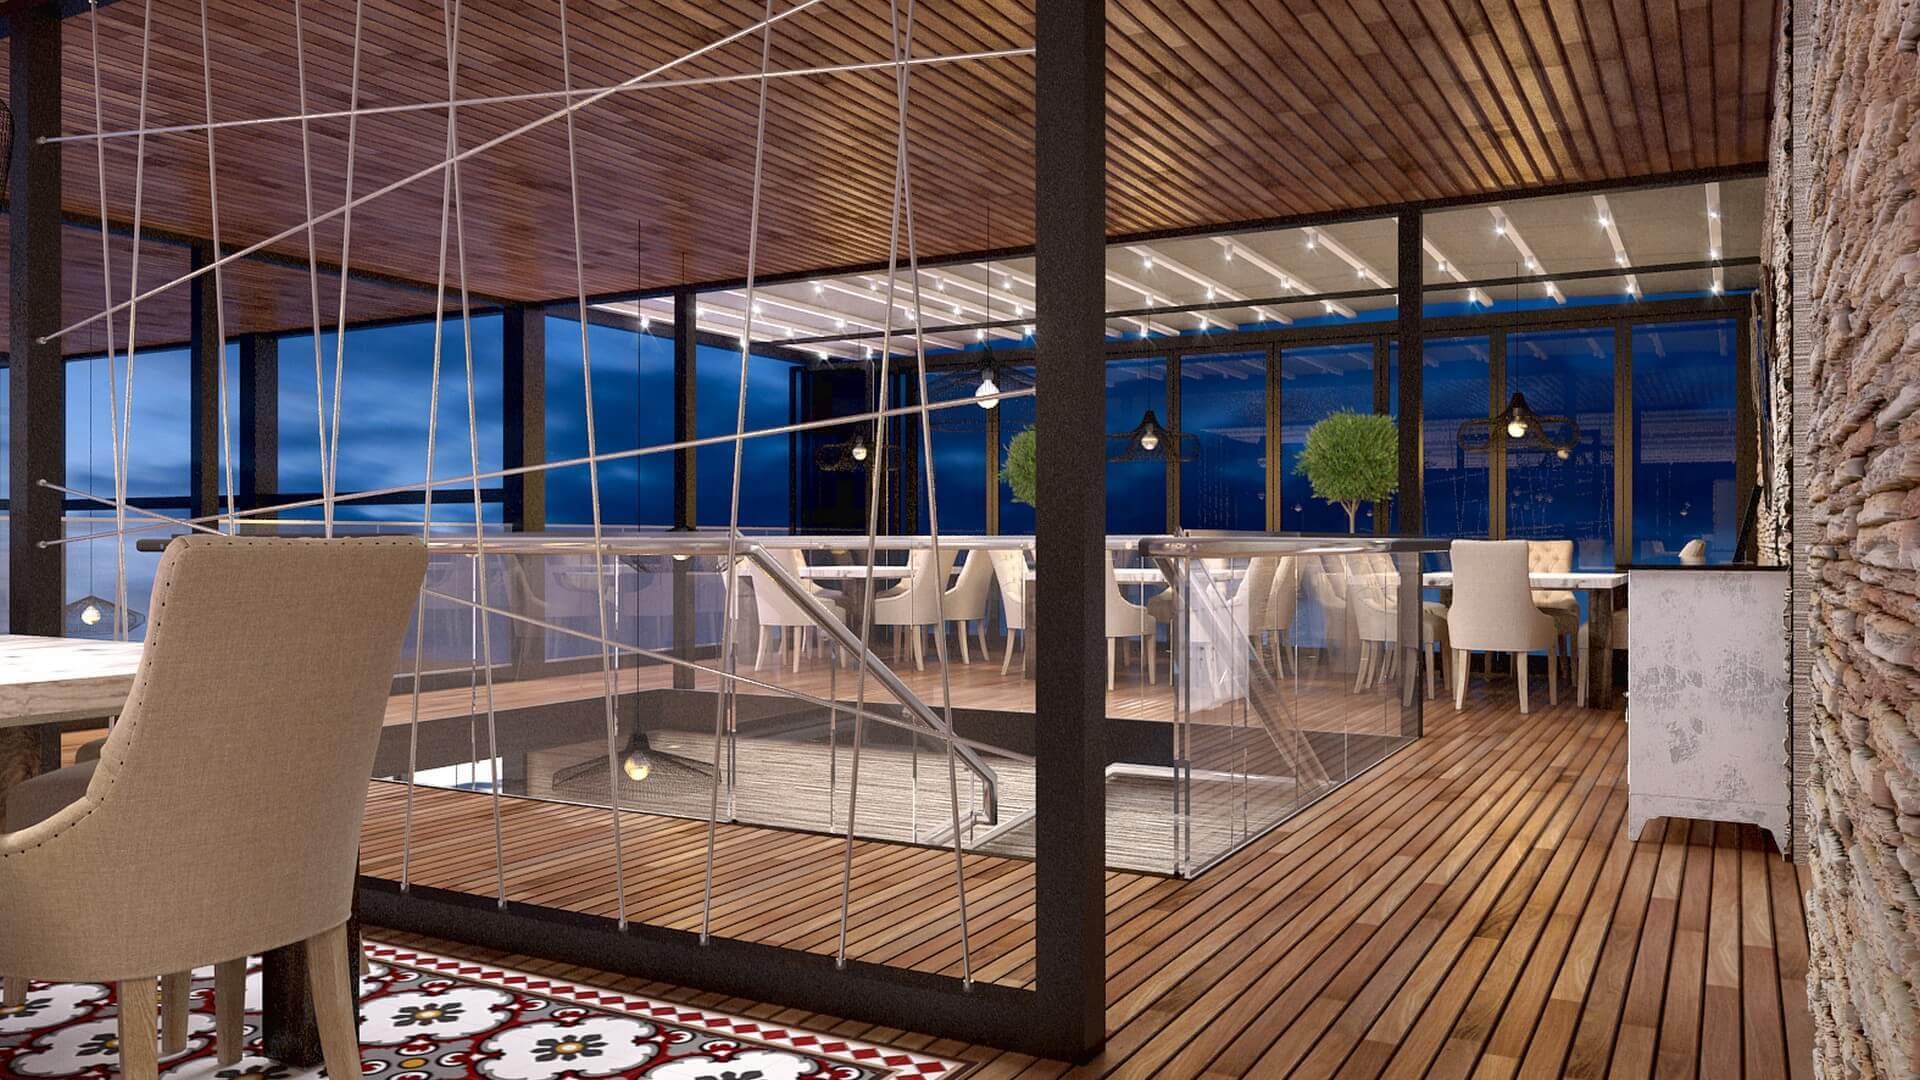 restaurant interior 2095 Iskenderun Restaurant Restaurants